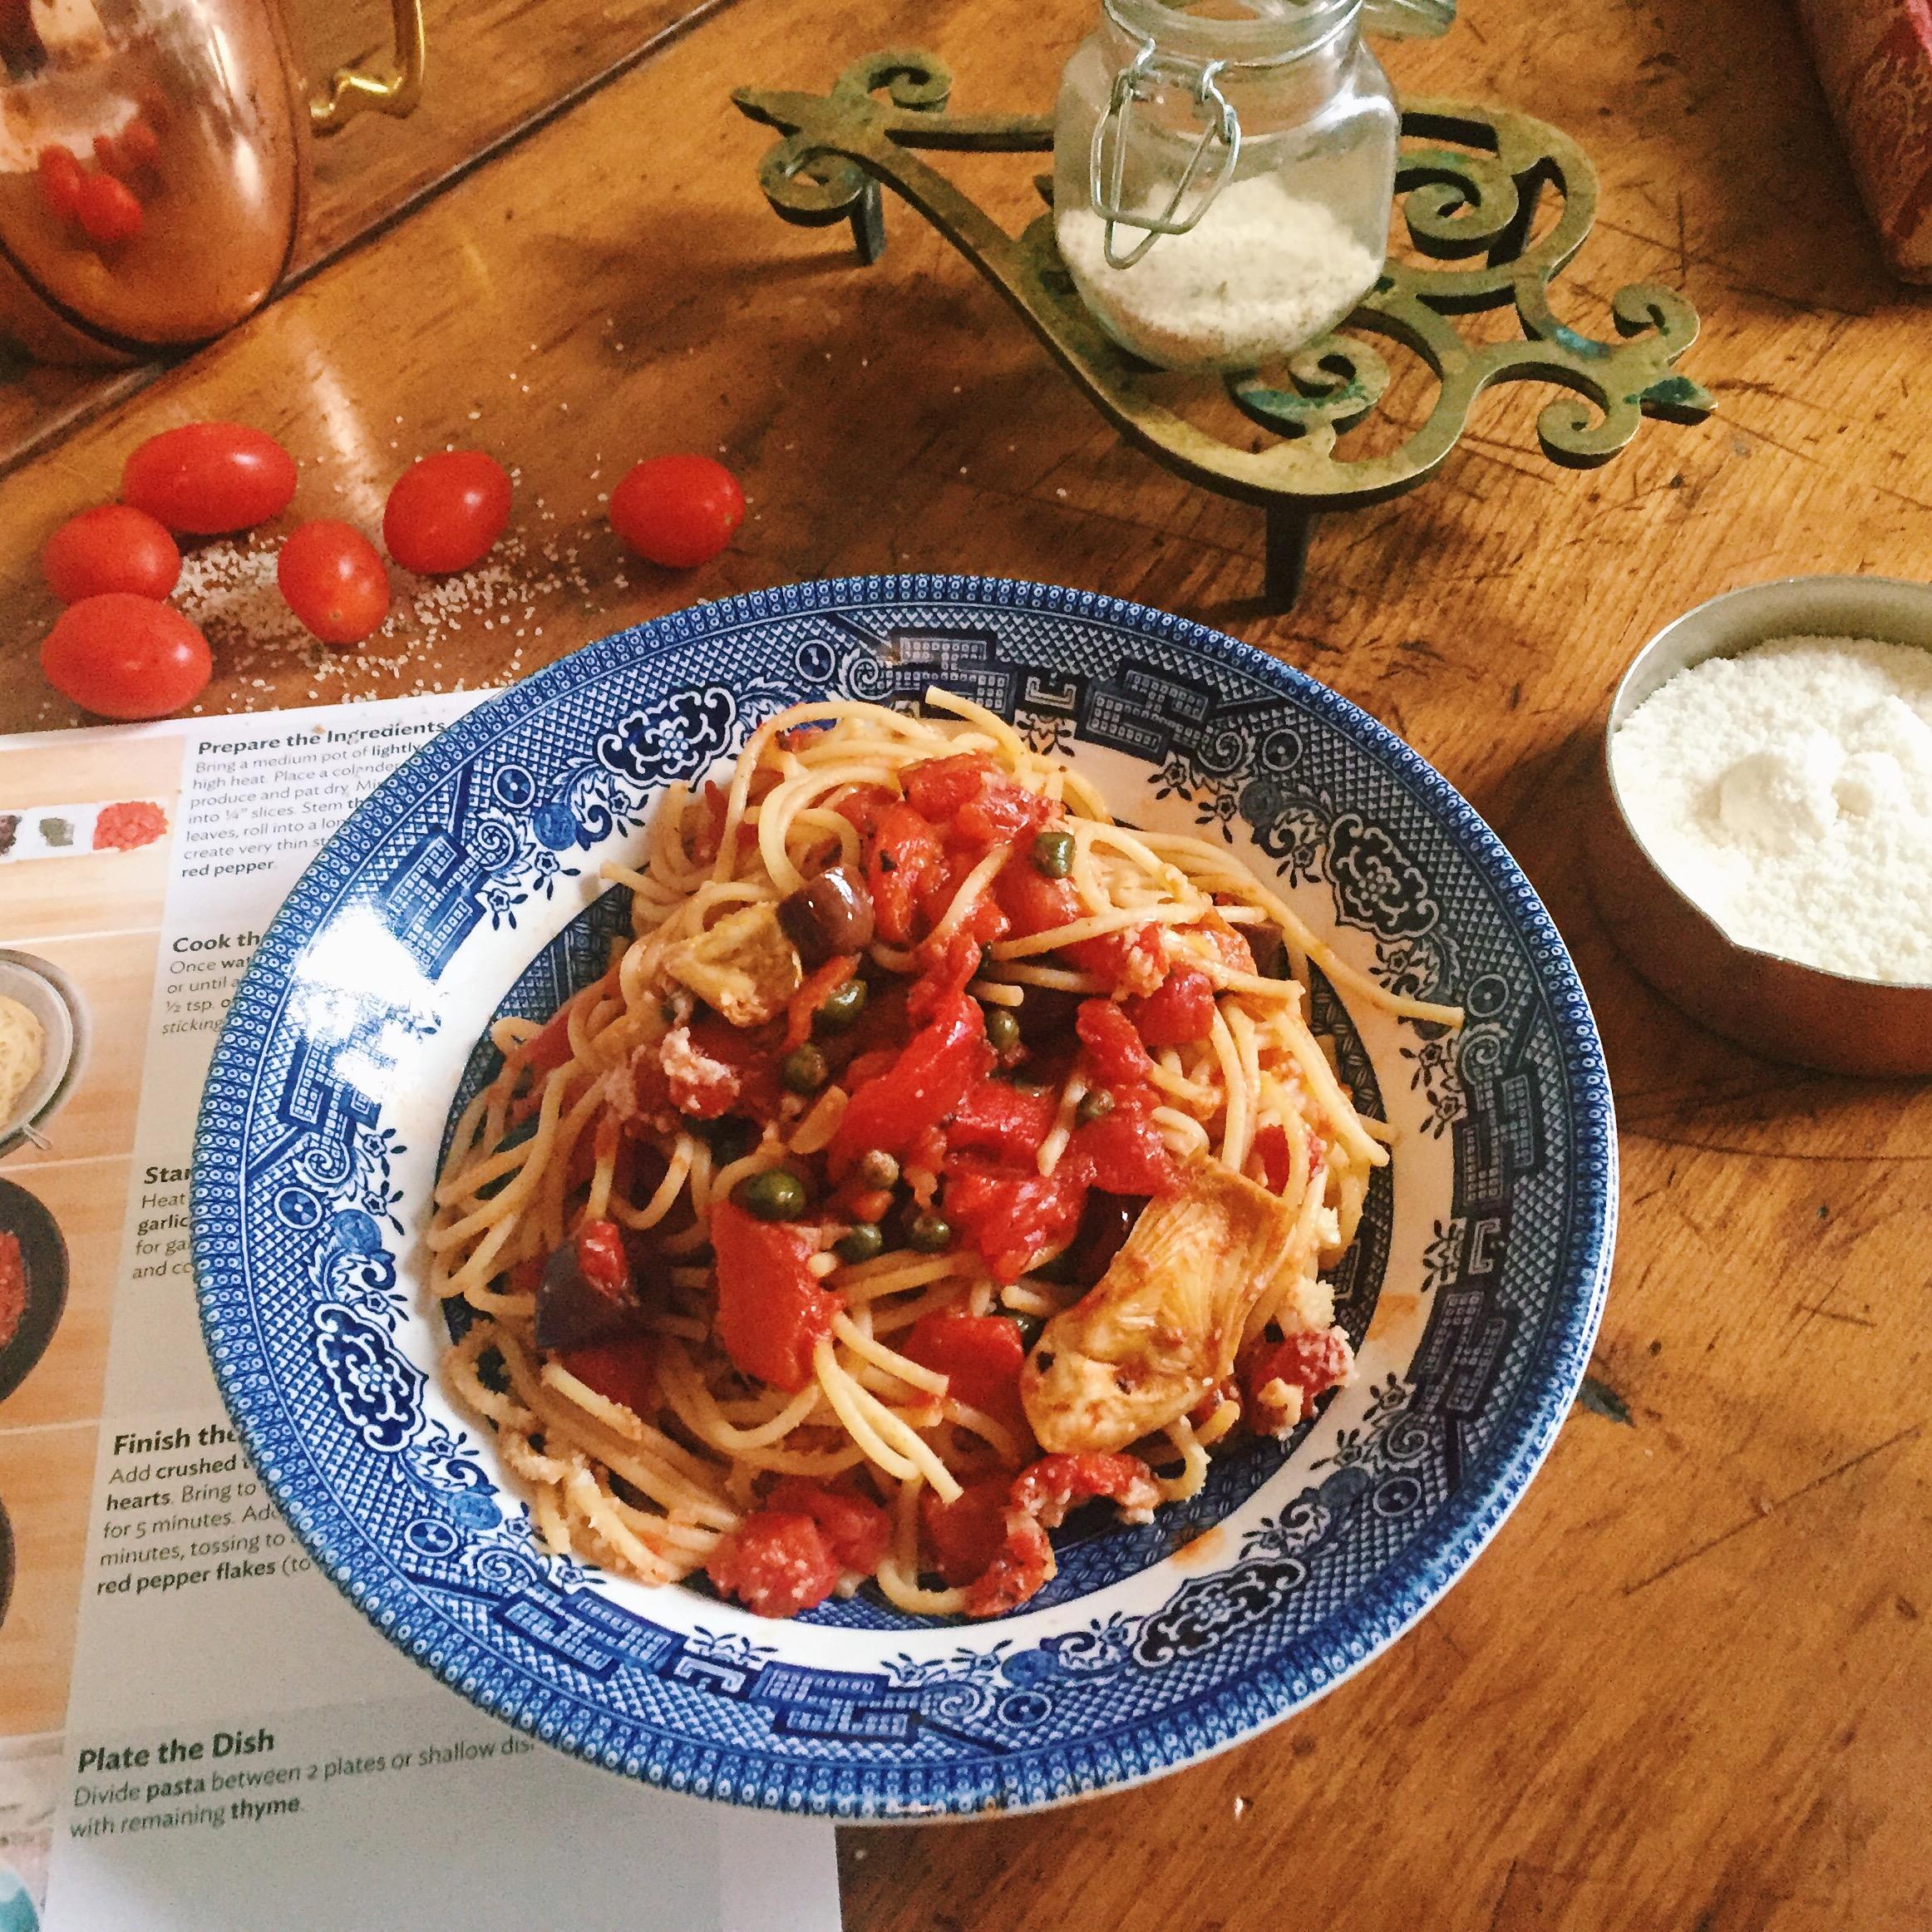 Home Chef #homechef pasta recipe spaghetti alla puttanesca recipe